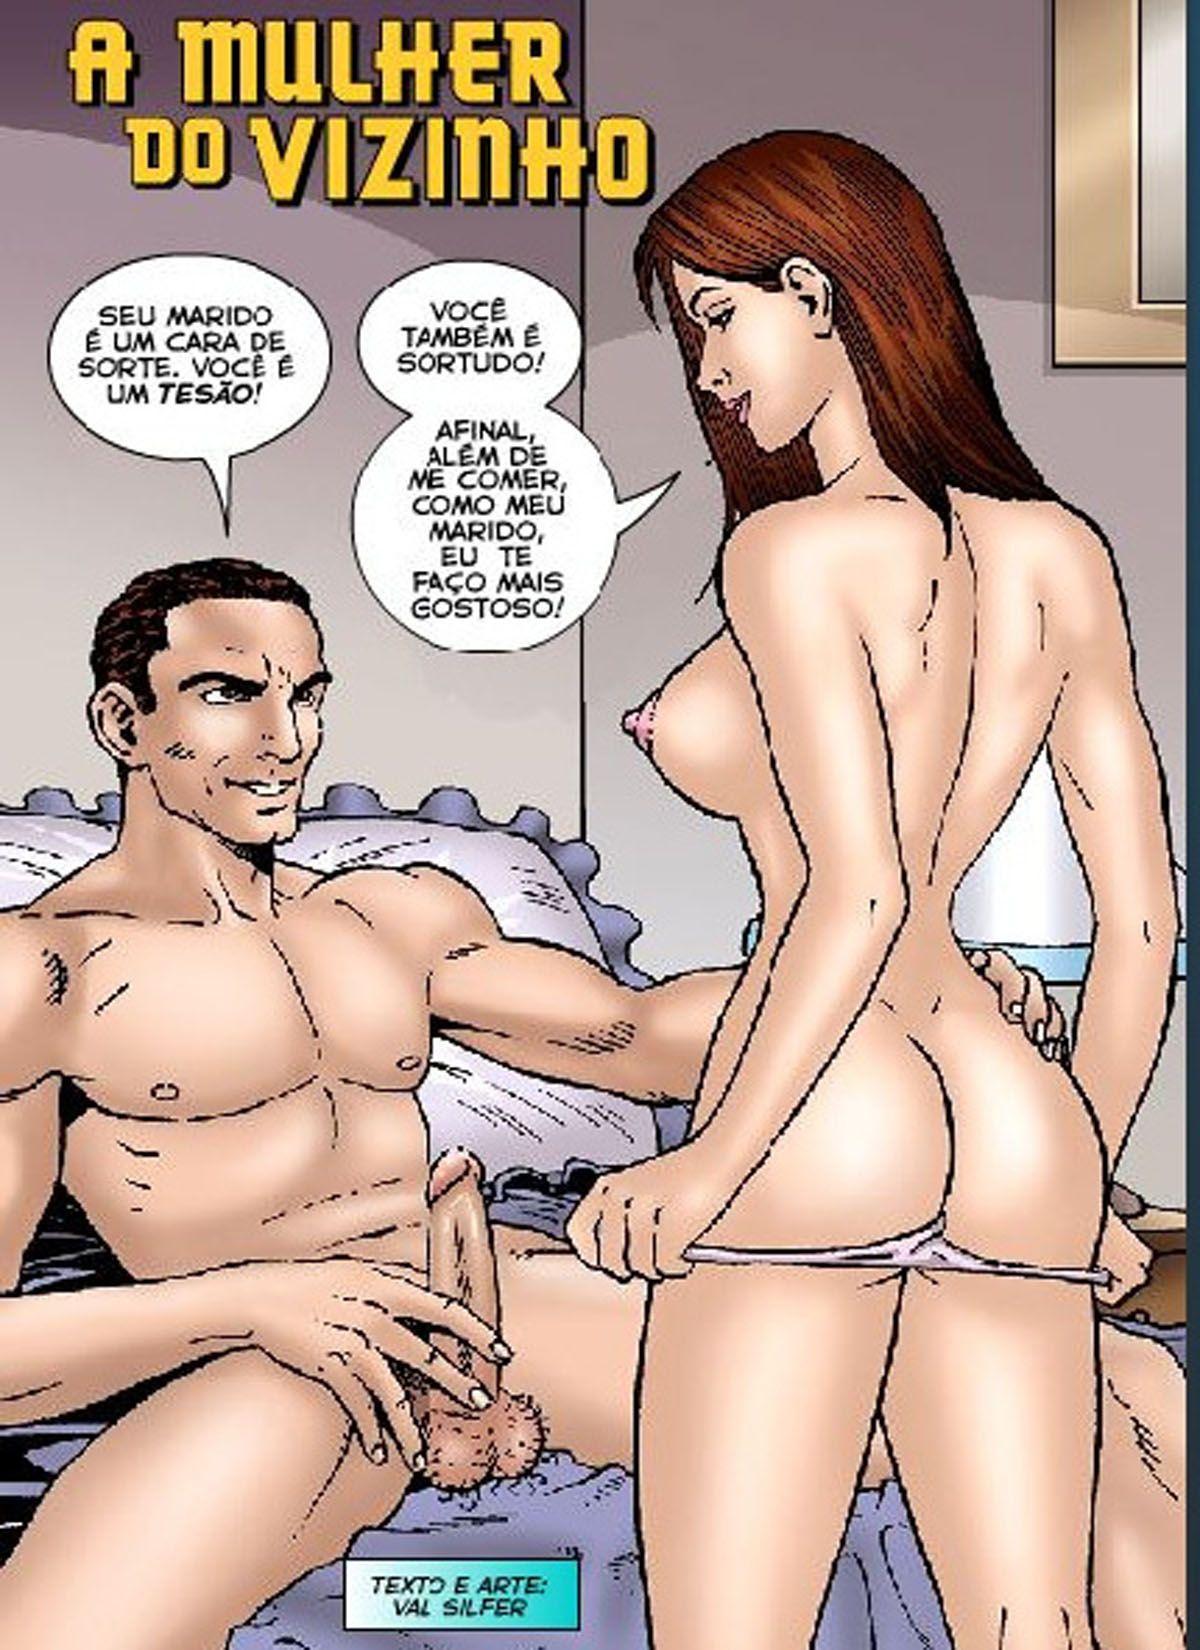 HQ Adulto - A mulher do vizinho - Quadrinhos de sexo